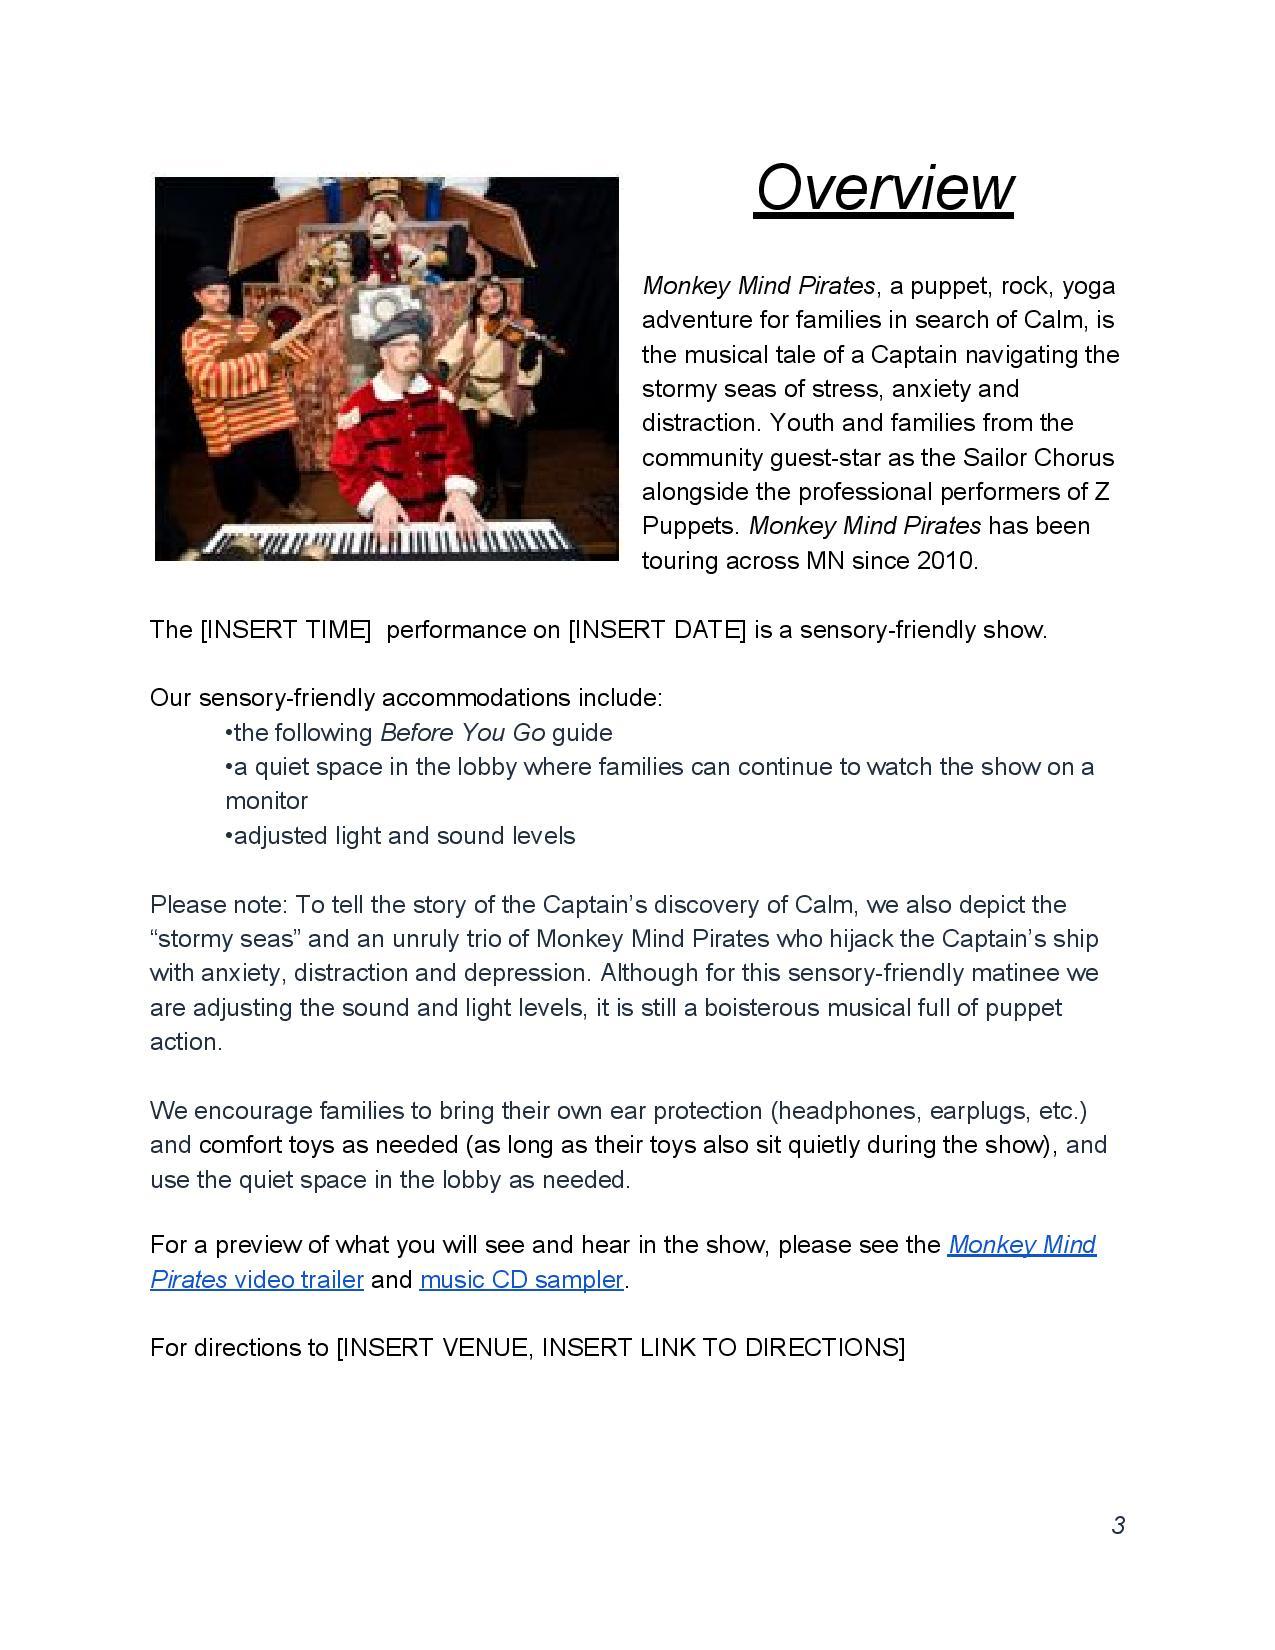 BeforeYouGoMonkeyMindPiratesPerformance_TEMPLATE-page-003.jpg